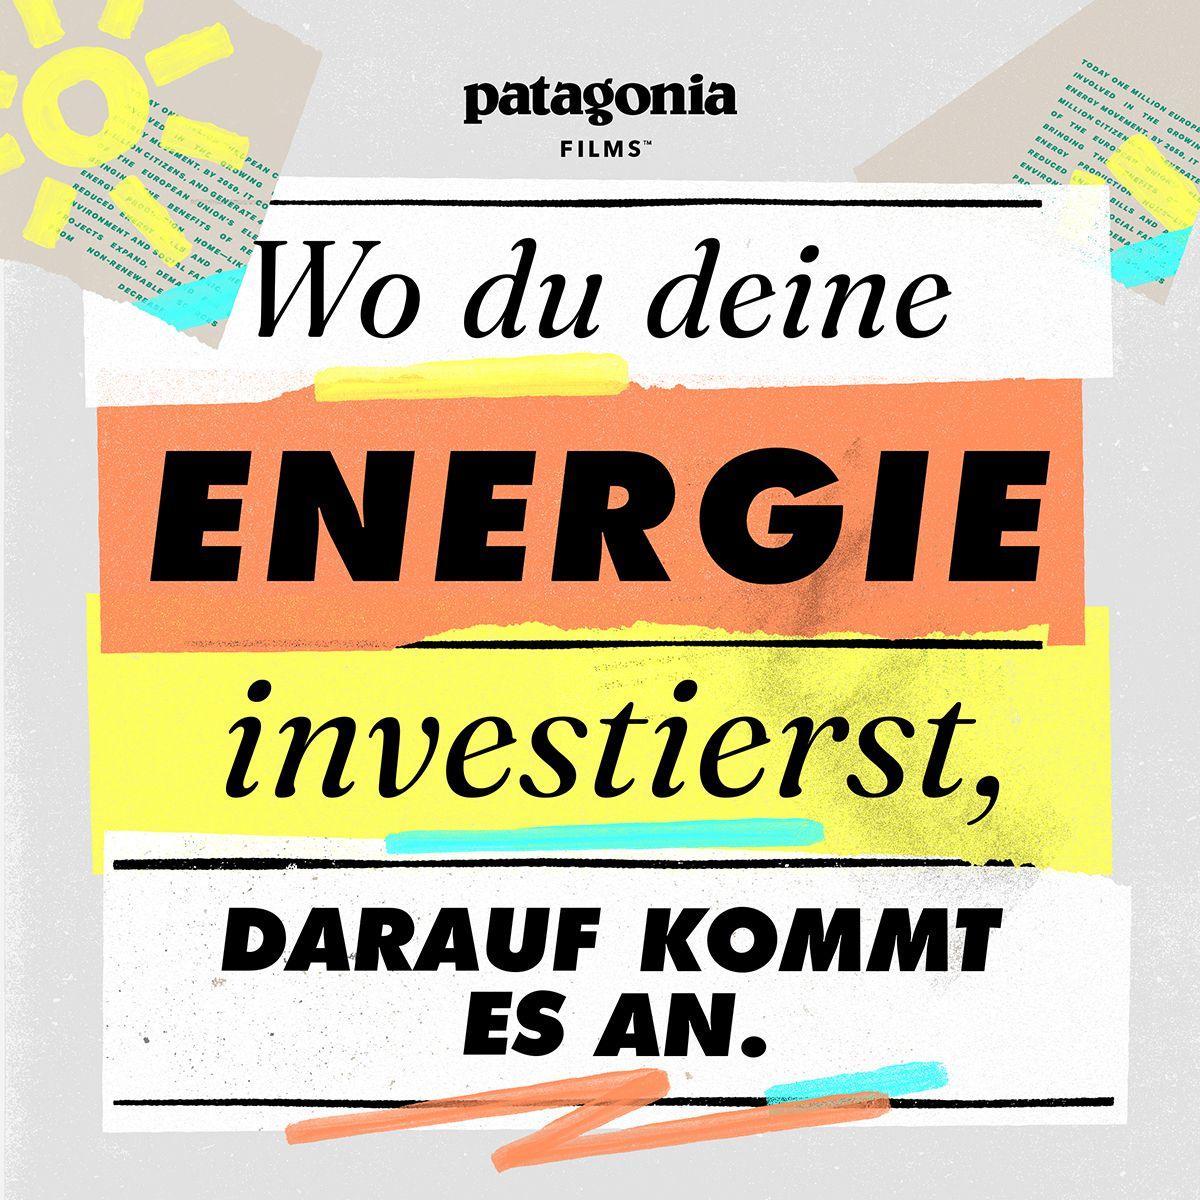 Wo du deine Energie investierst, darauf kommt es an